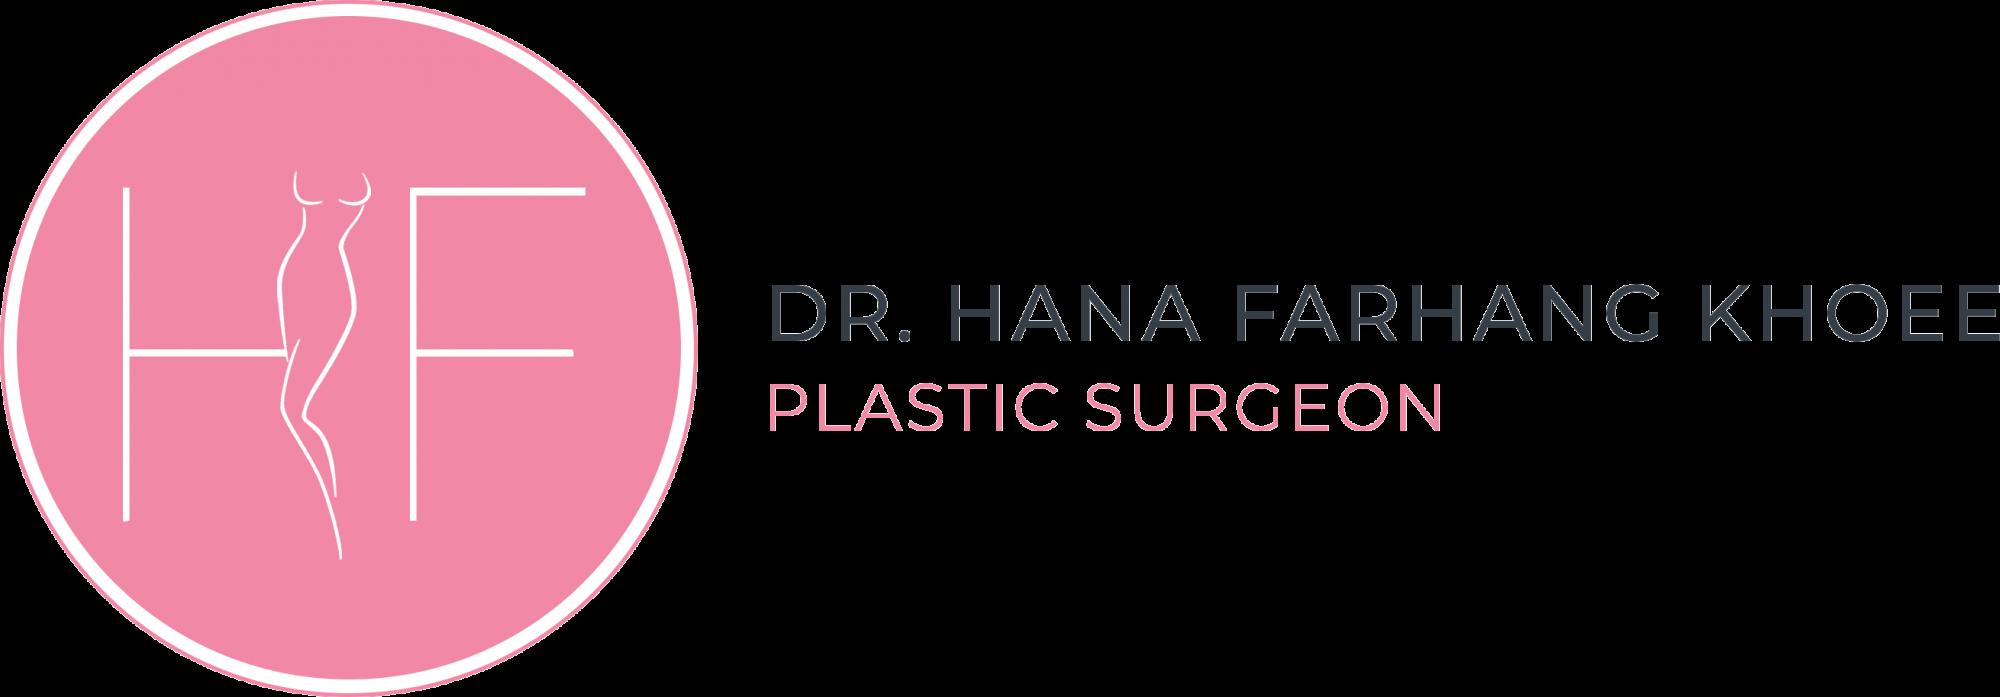 Dr. Hana Farhang Khoee, MD FRCSC